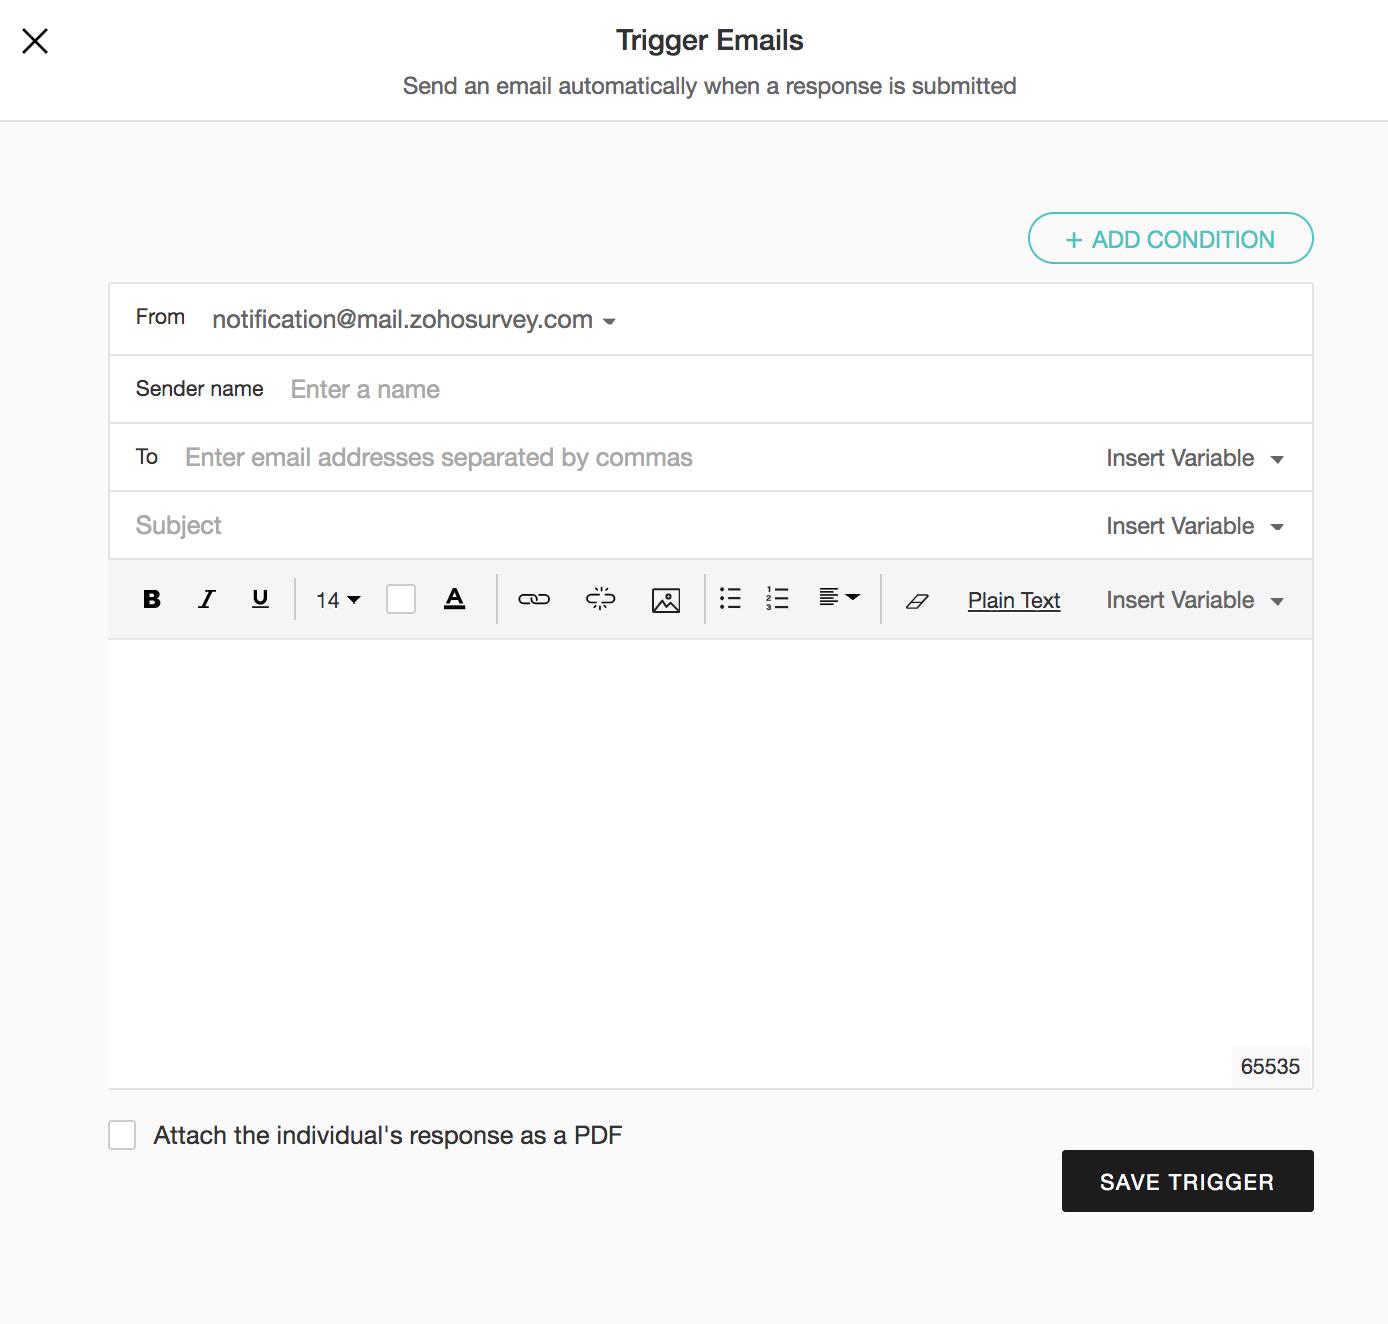 trigger-emails-blank